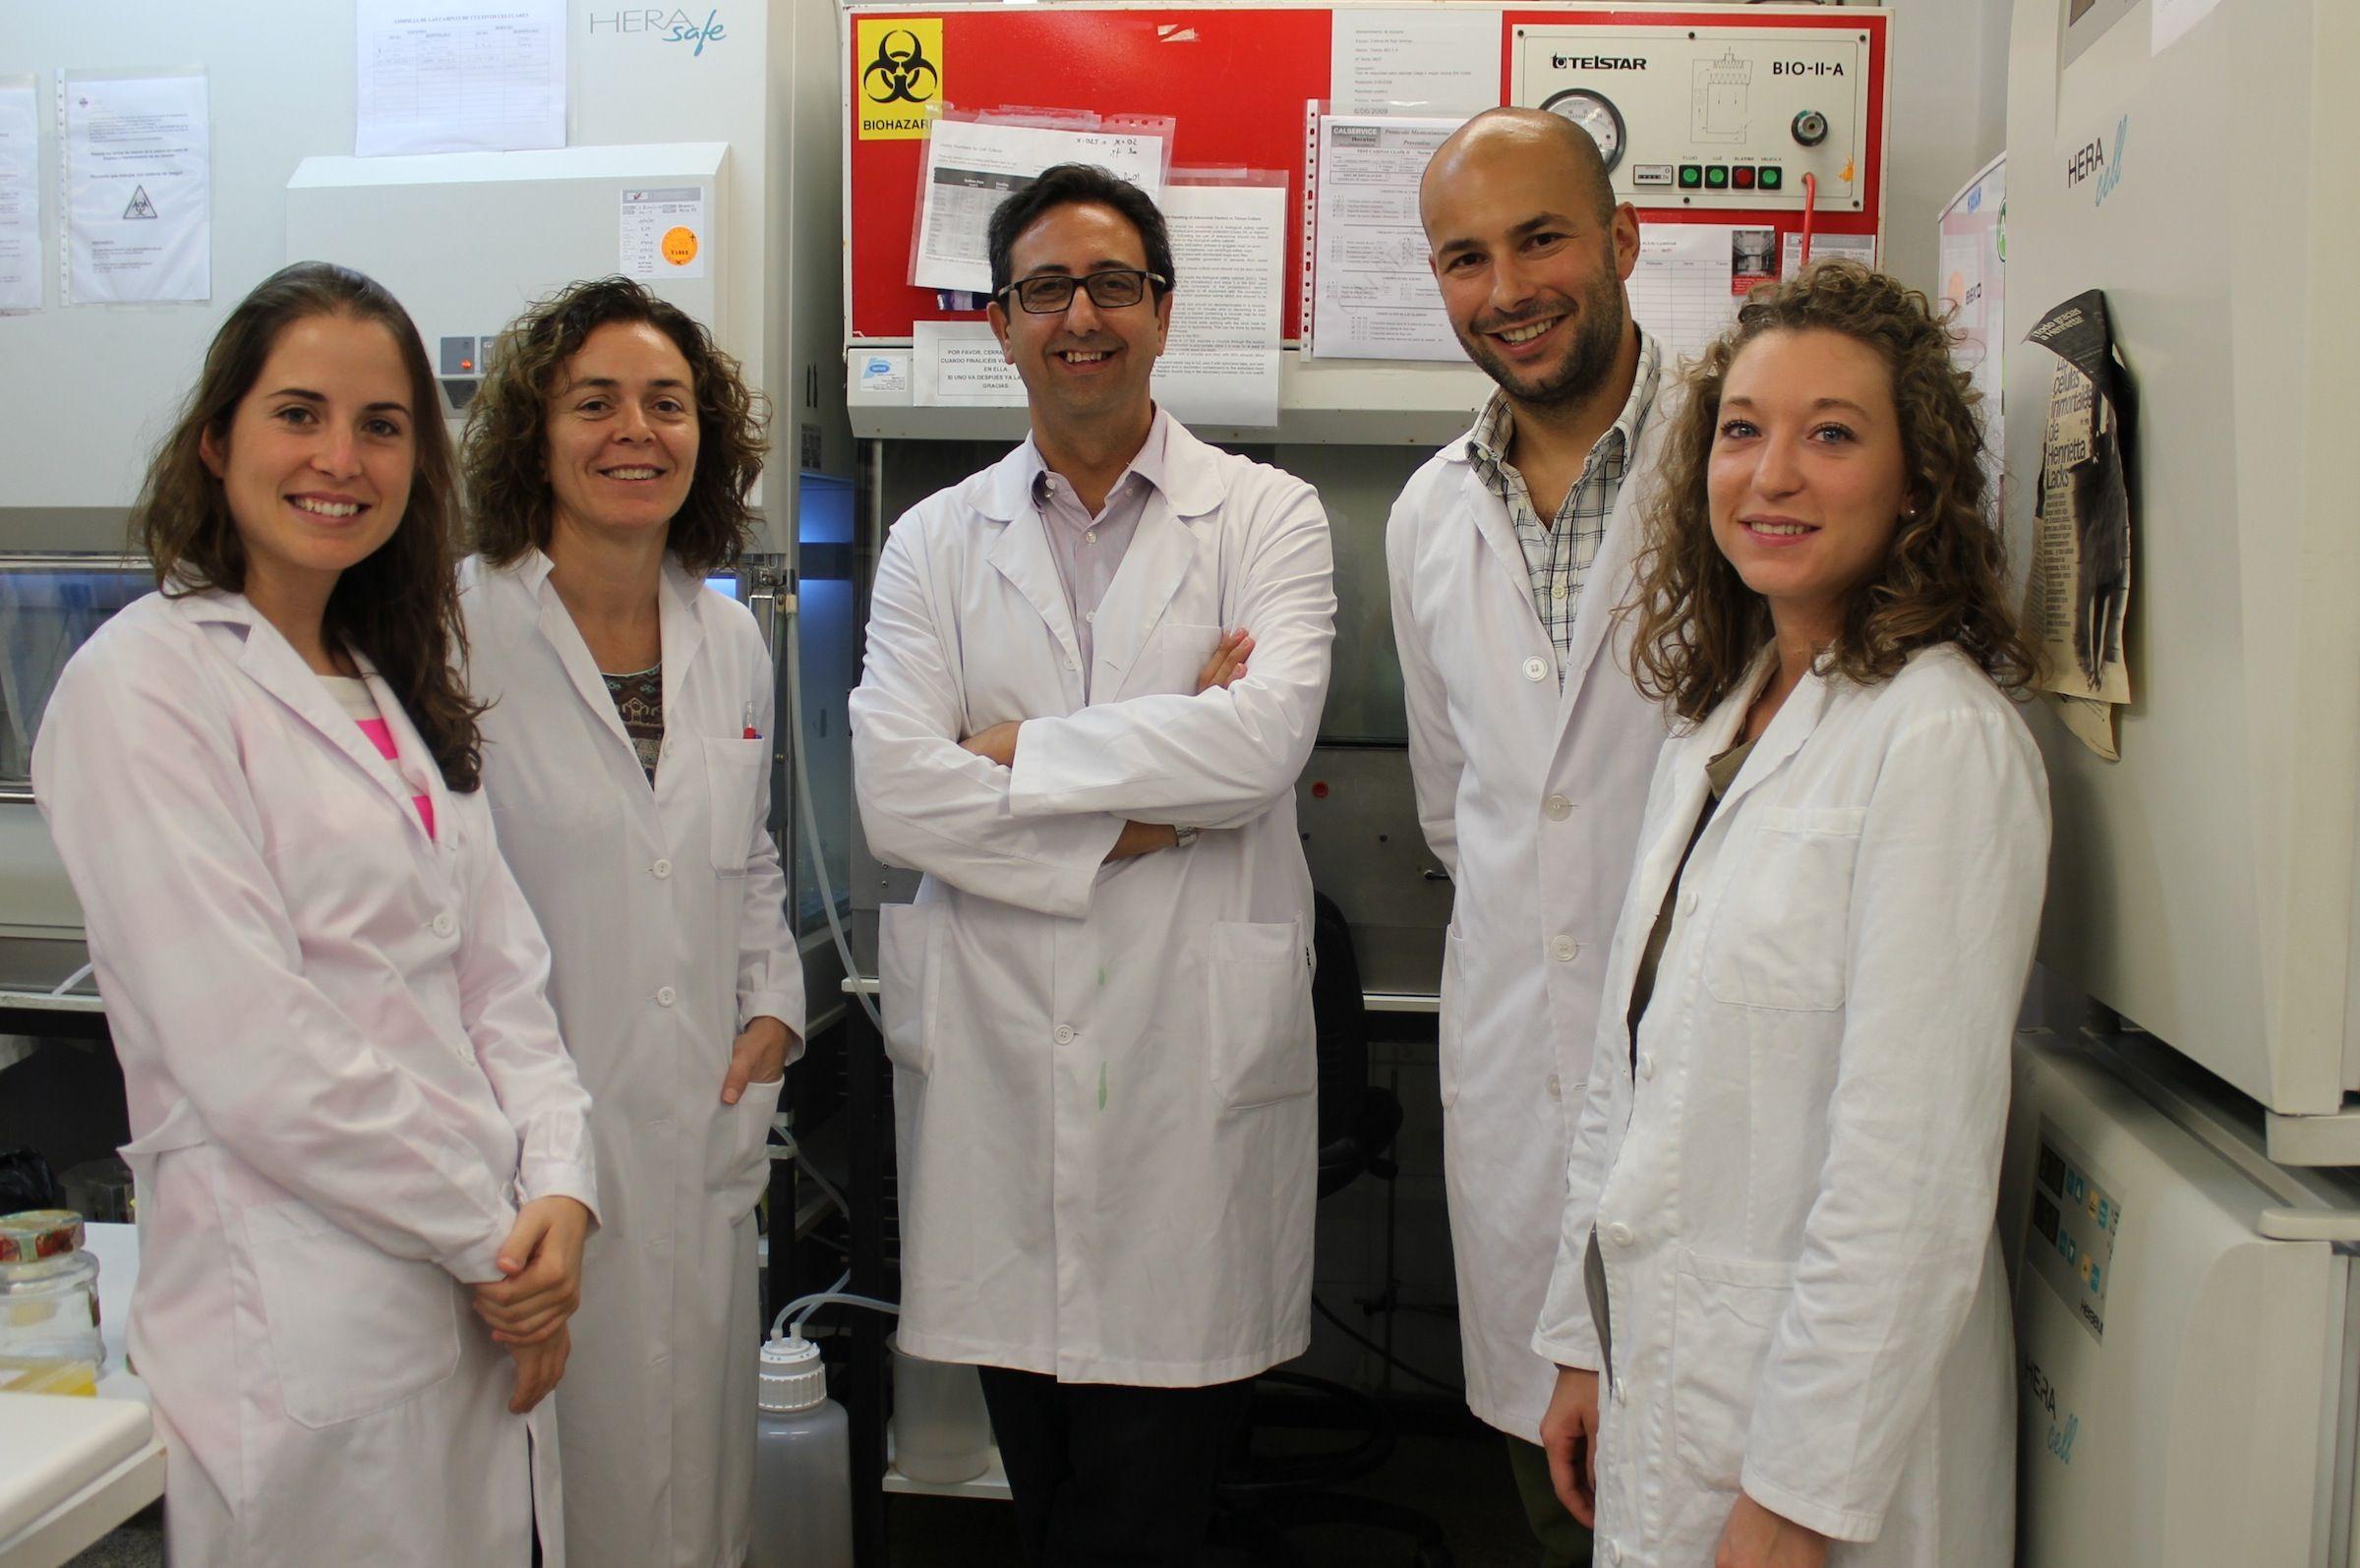 Sara Paradells junto a los miembros del Grupo de Investigación que dirige en la CEU-UCH el profesor José Miguel Soria, en el centro de la imagen.